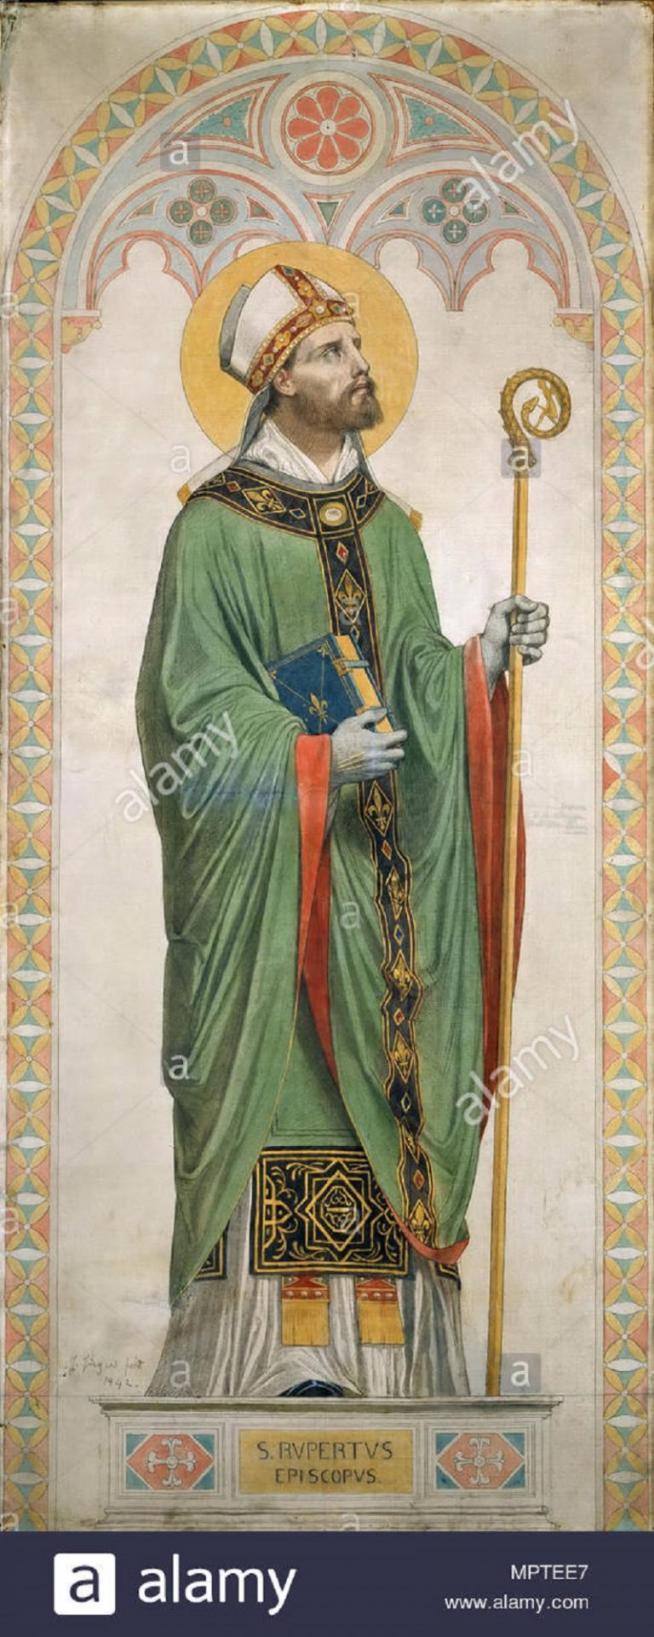 Saint rupert de salzbourg le carton pour les vitraux de la chapelle de saint ferdinand 1842 mptee7 11